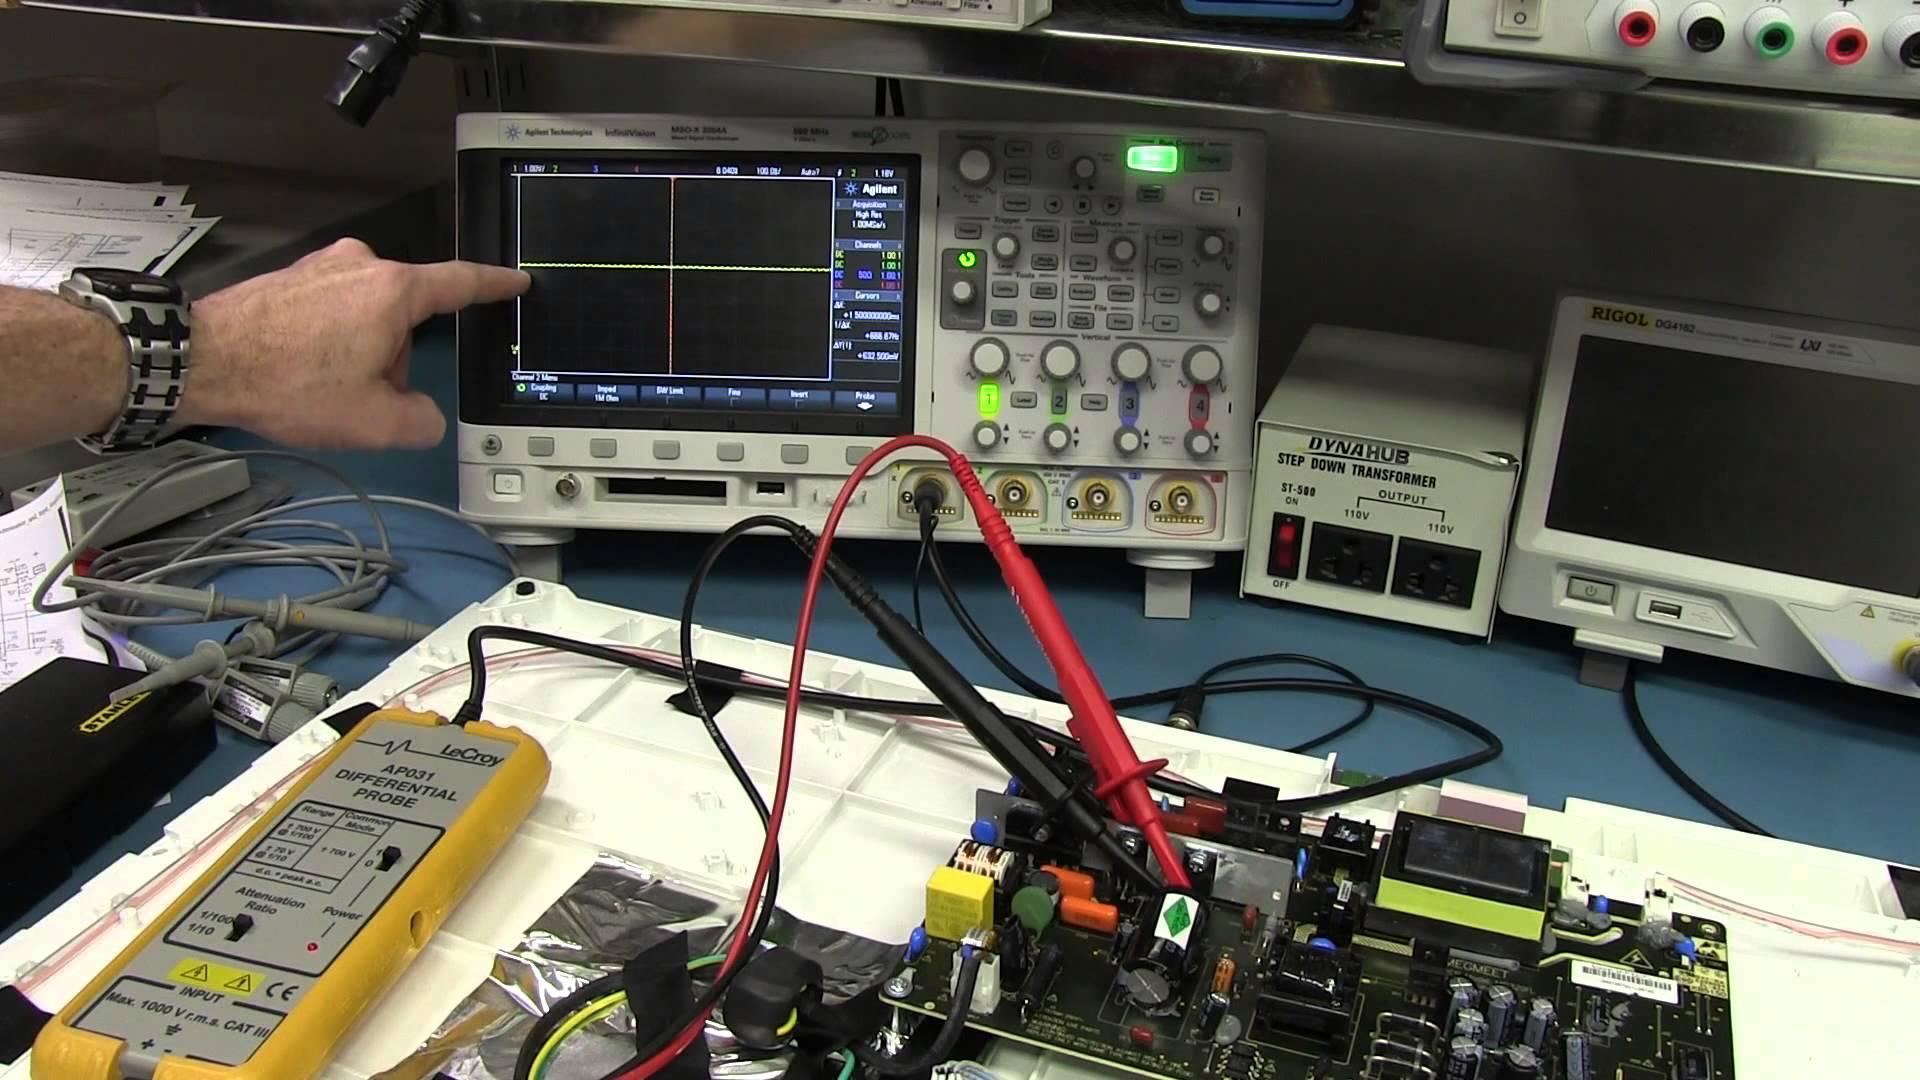 EEVblog #630 – Soniq LCD TV Troubleshooting Repair